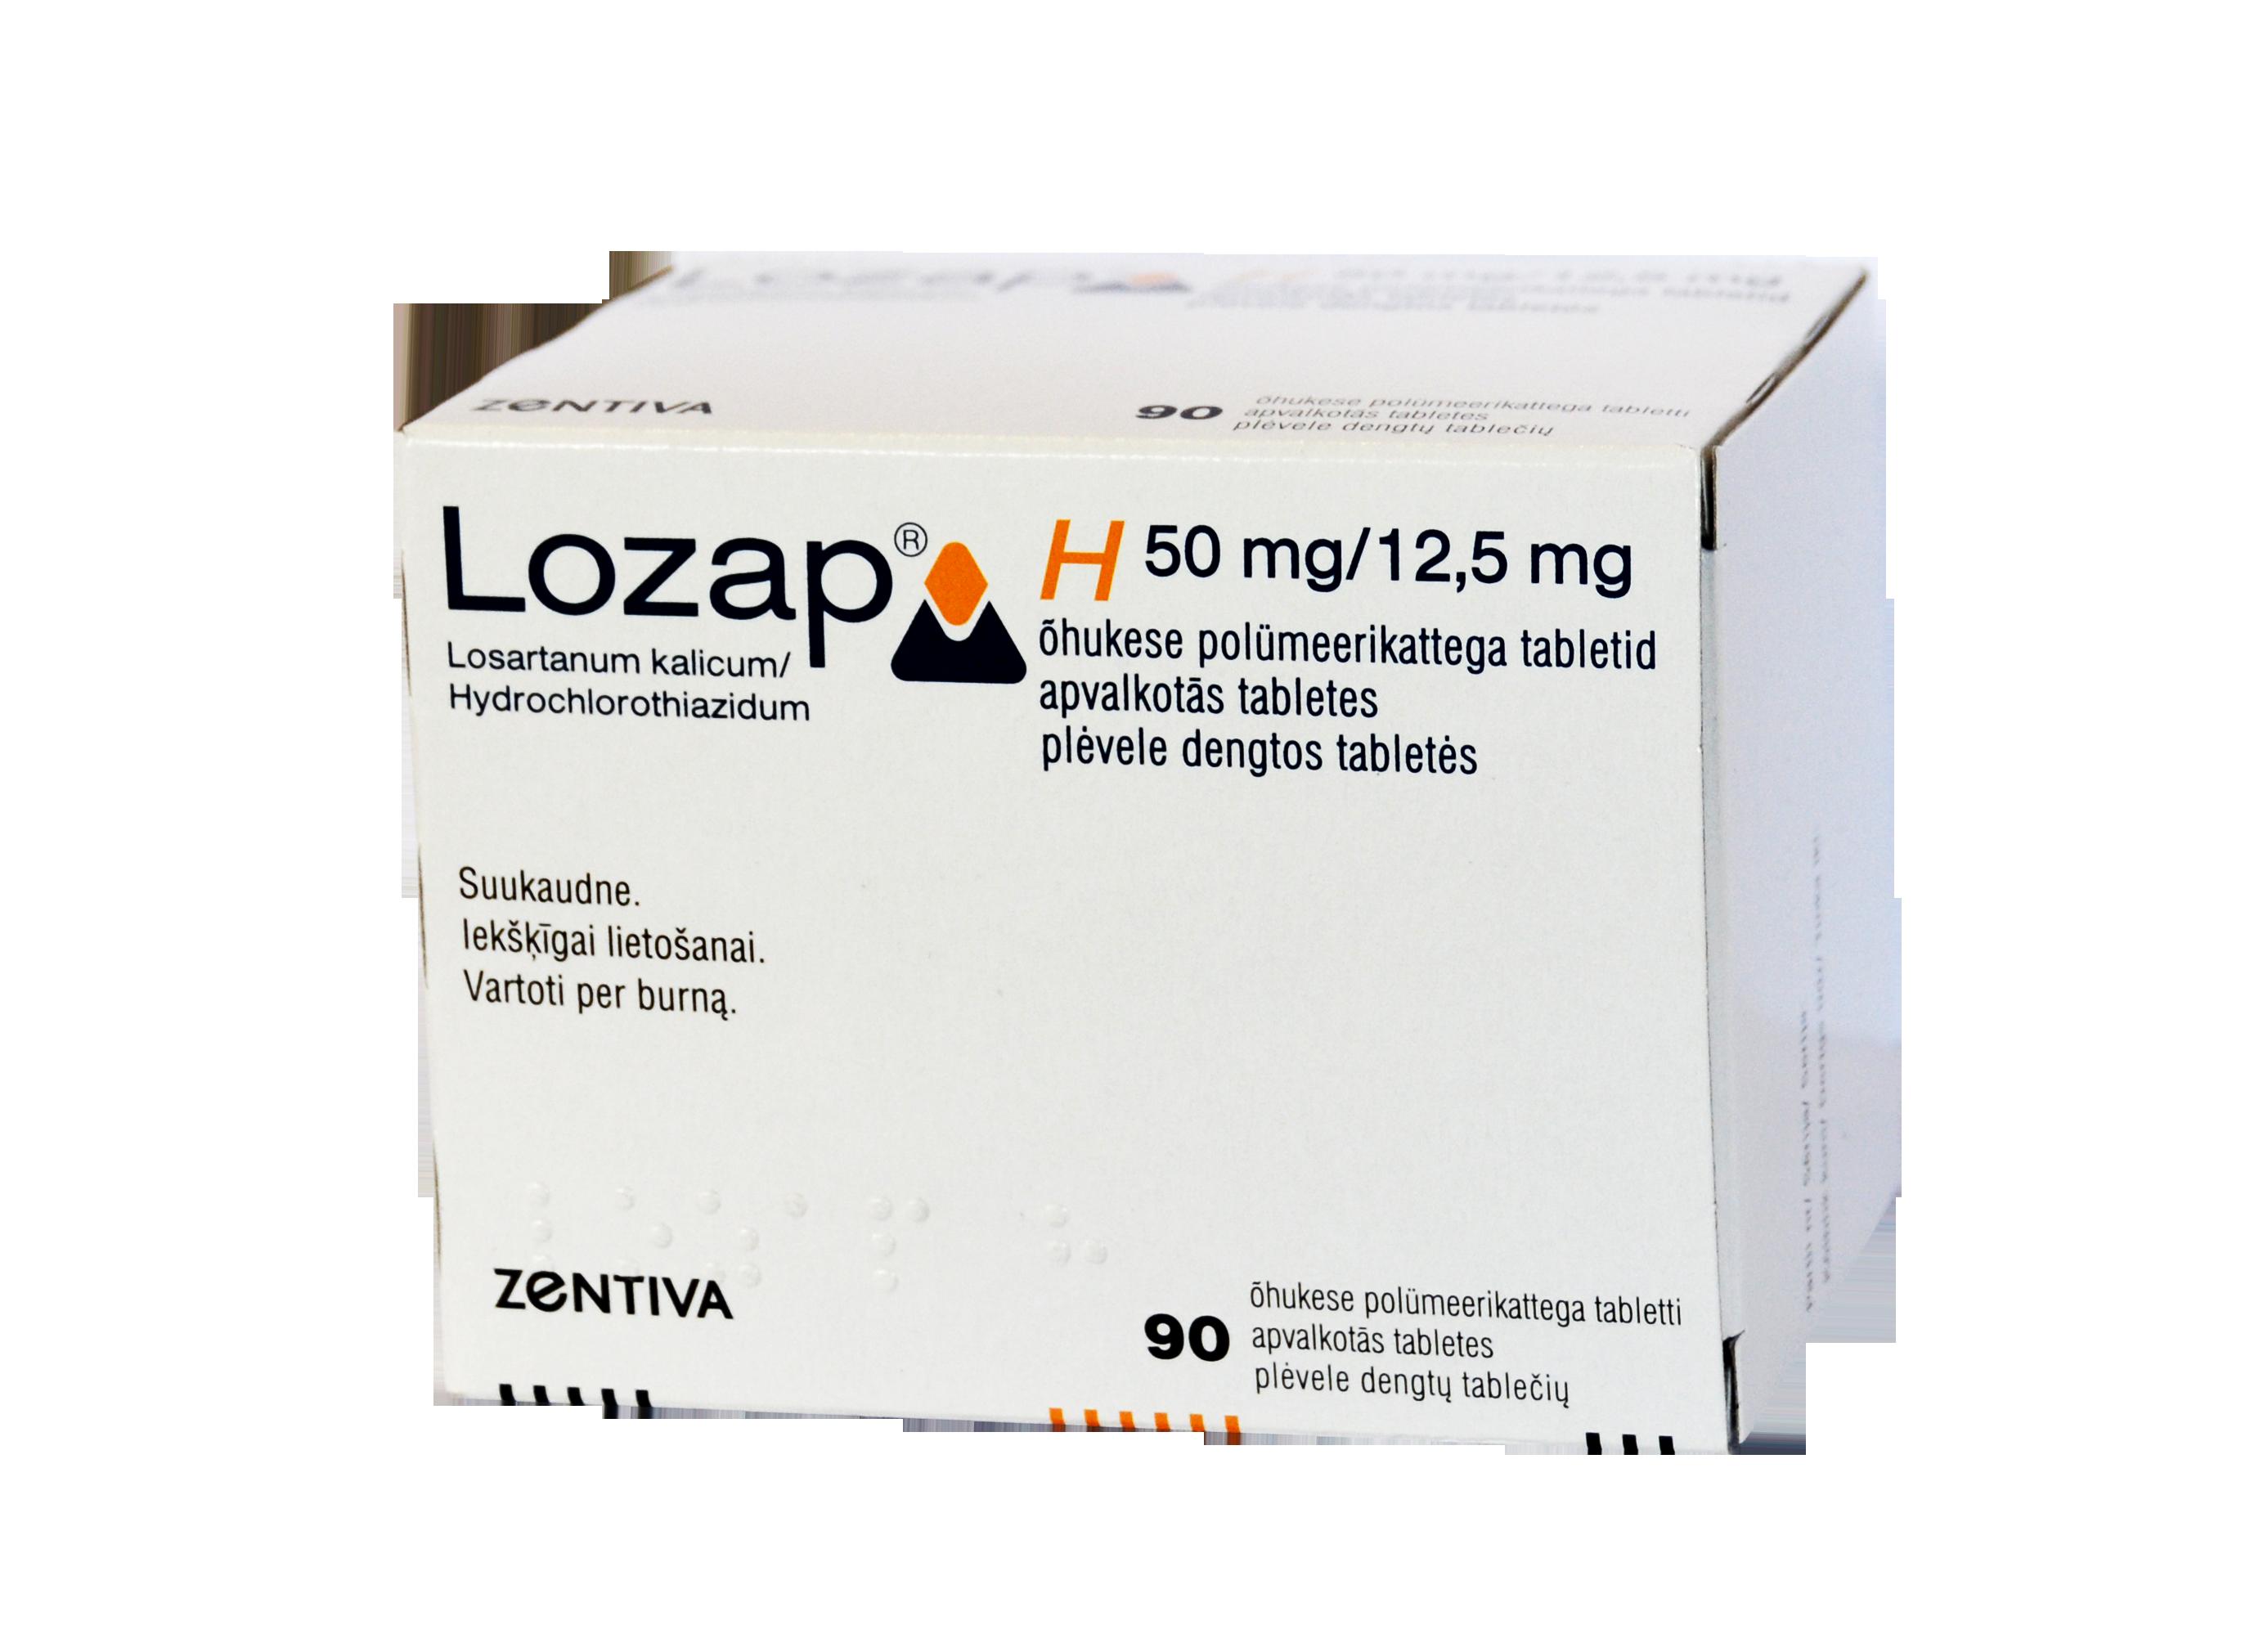 hipertenzija gydomi vaistai lozap šiuolaikinė medicina nuo hipertenzijos